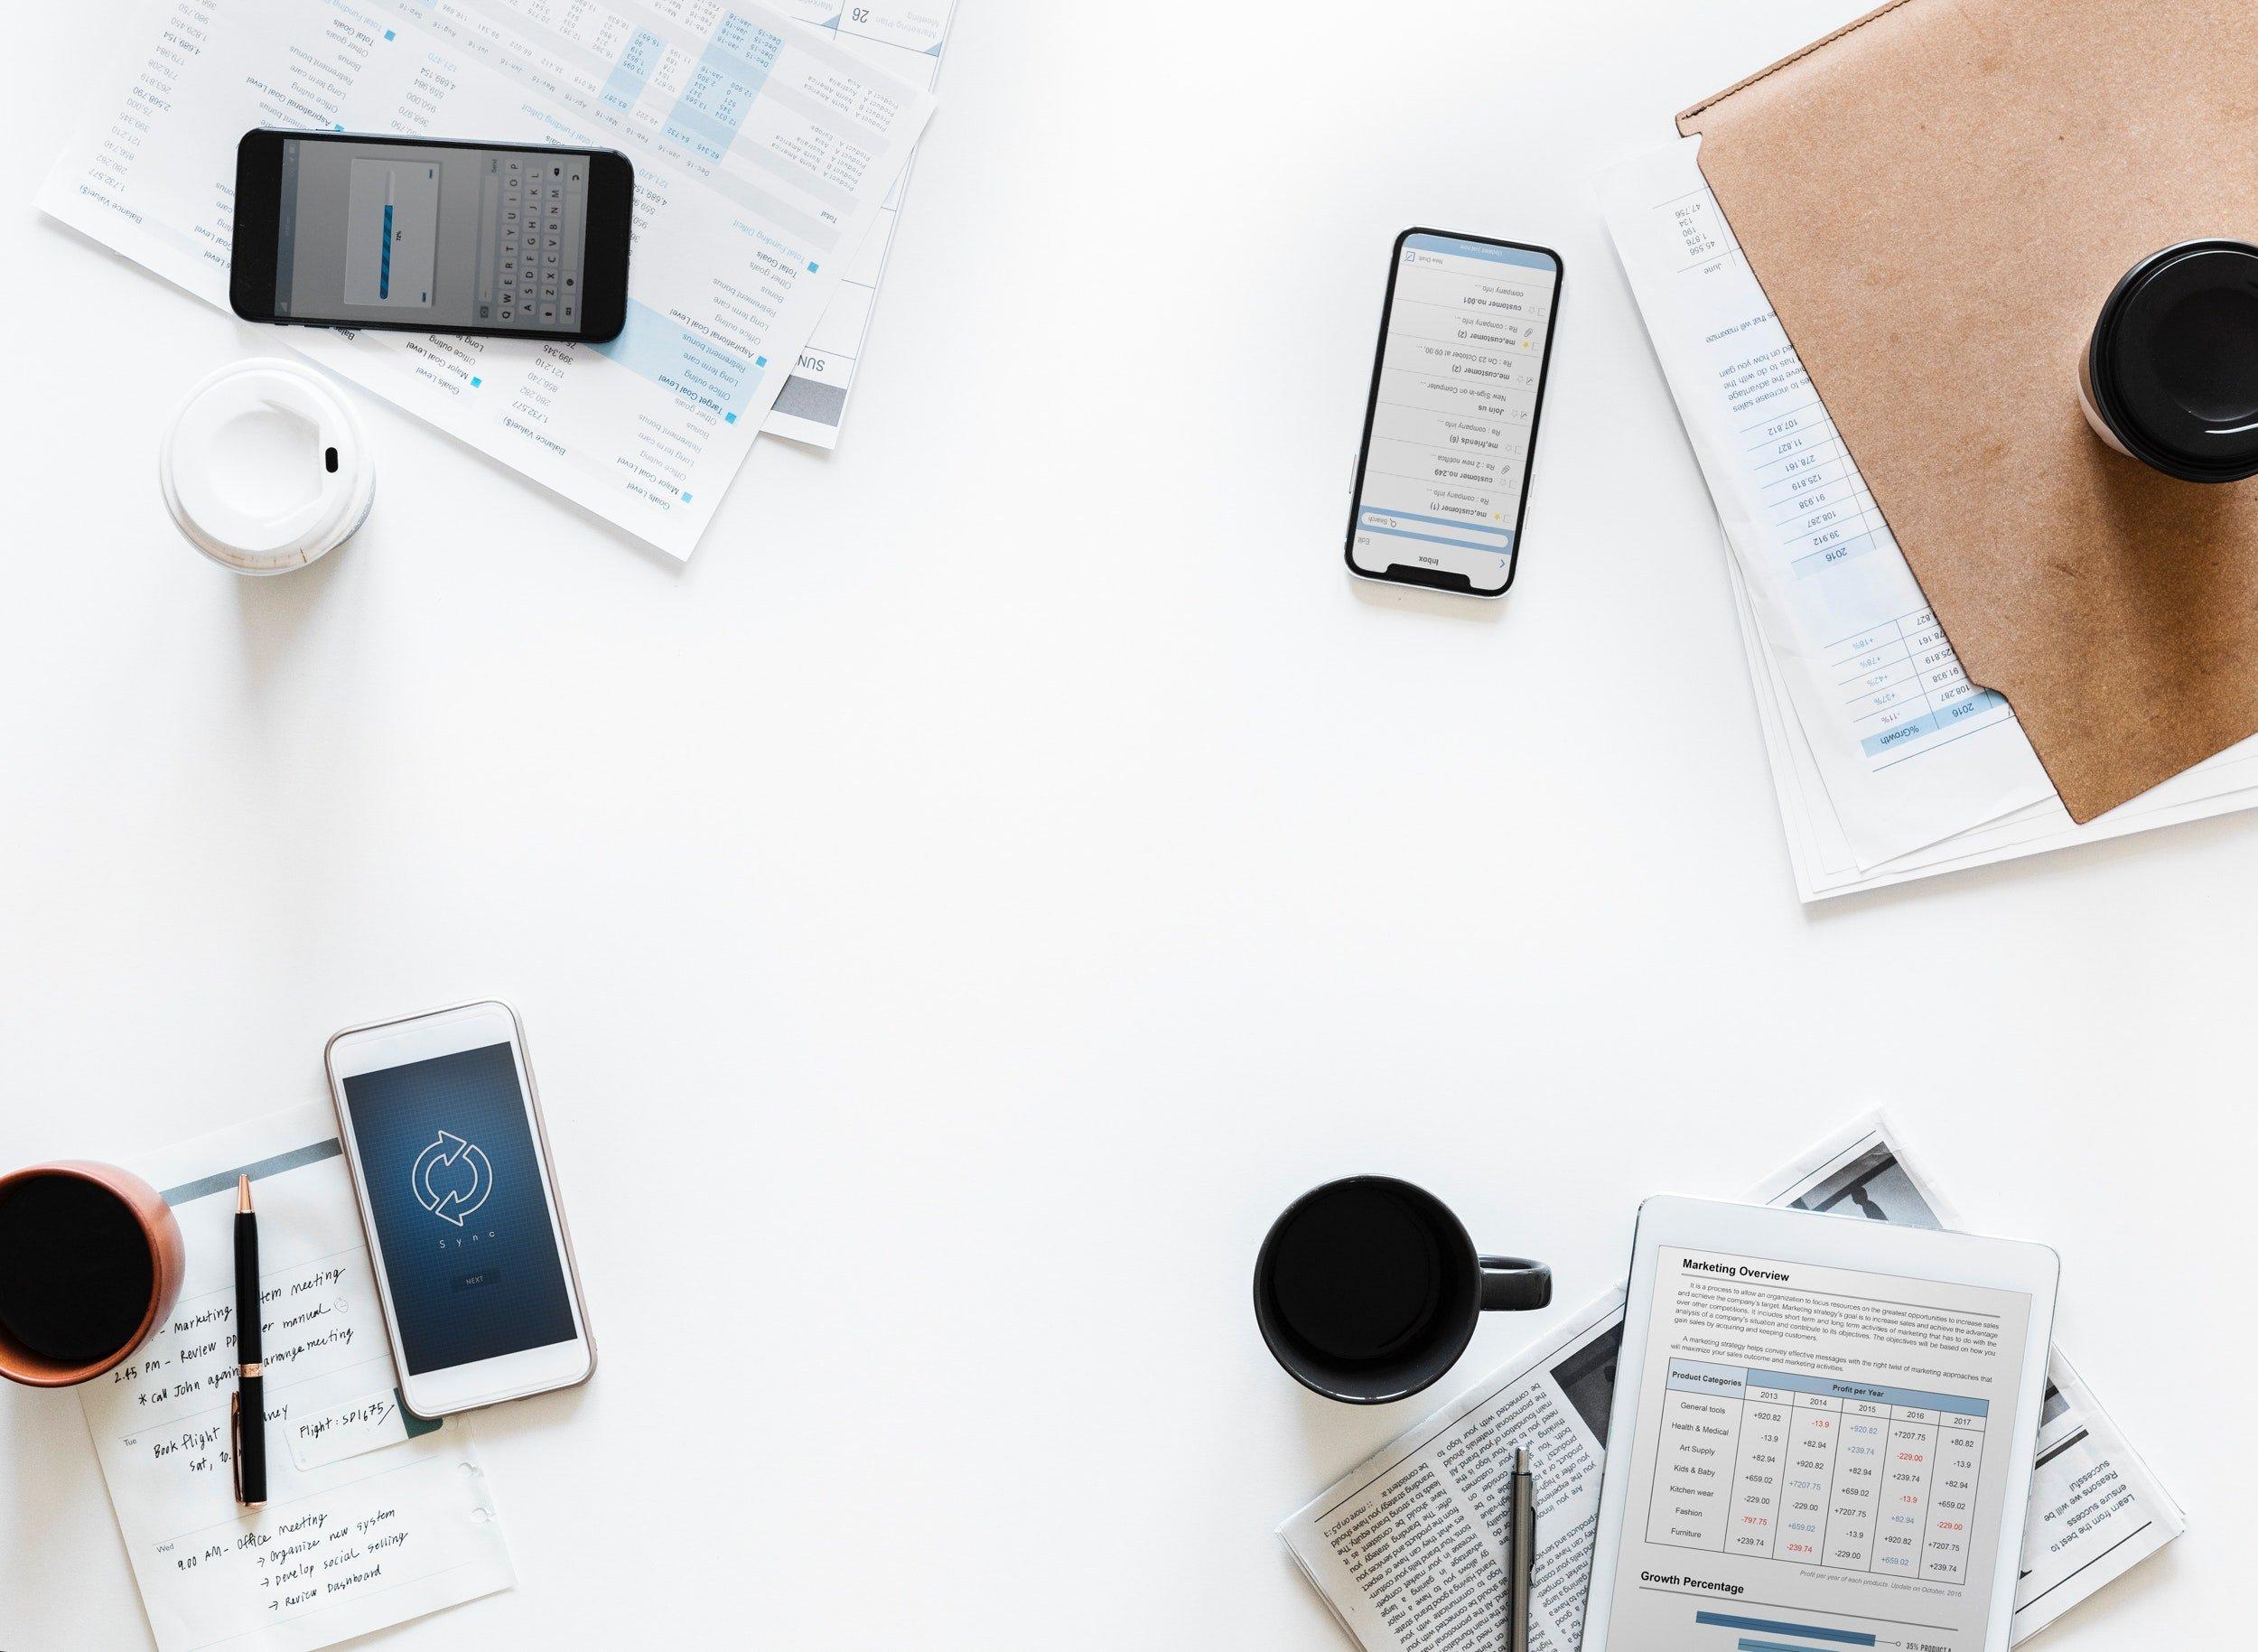 Unsere Marktstudie zu den Erfolgsfaktoren mobiler Entwicklungsplattformen